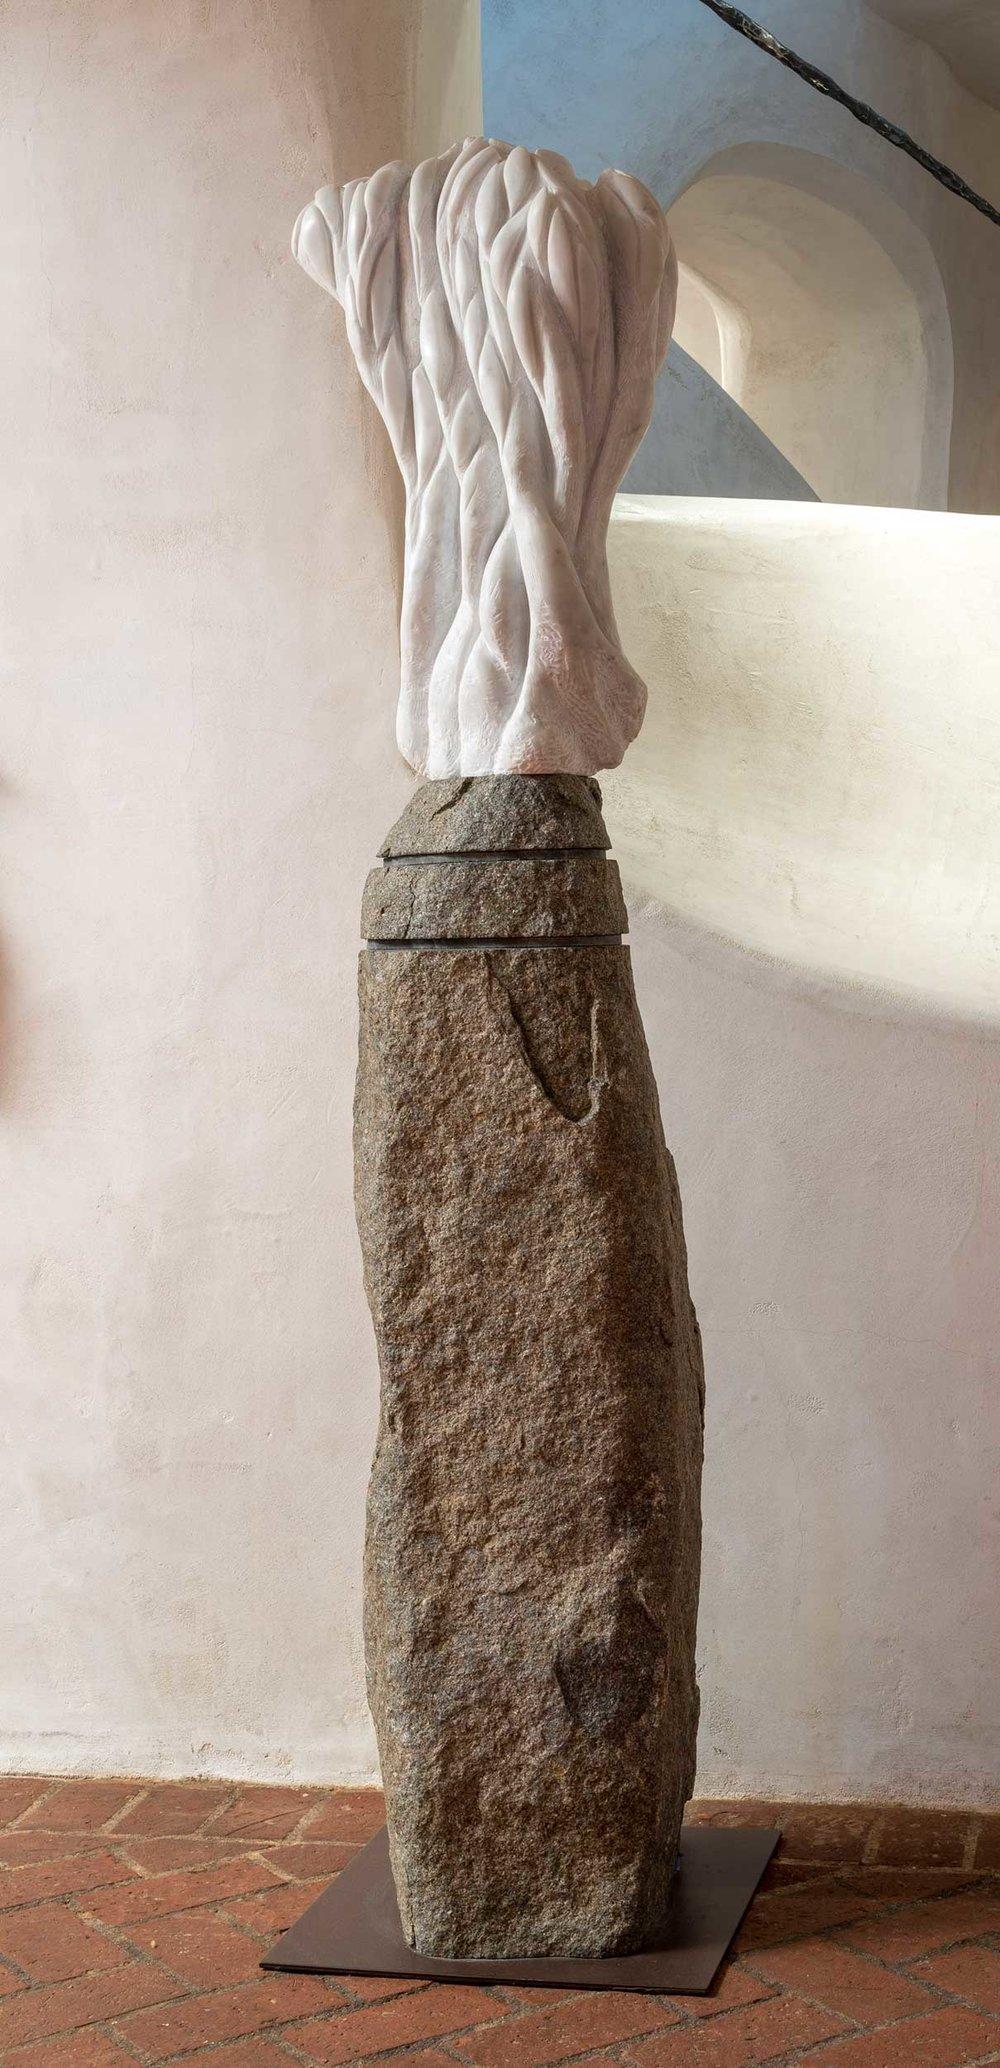 Sorarya-Nazarian-Sculpture-19.jpg